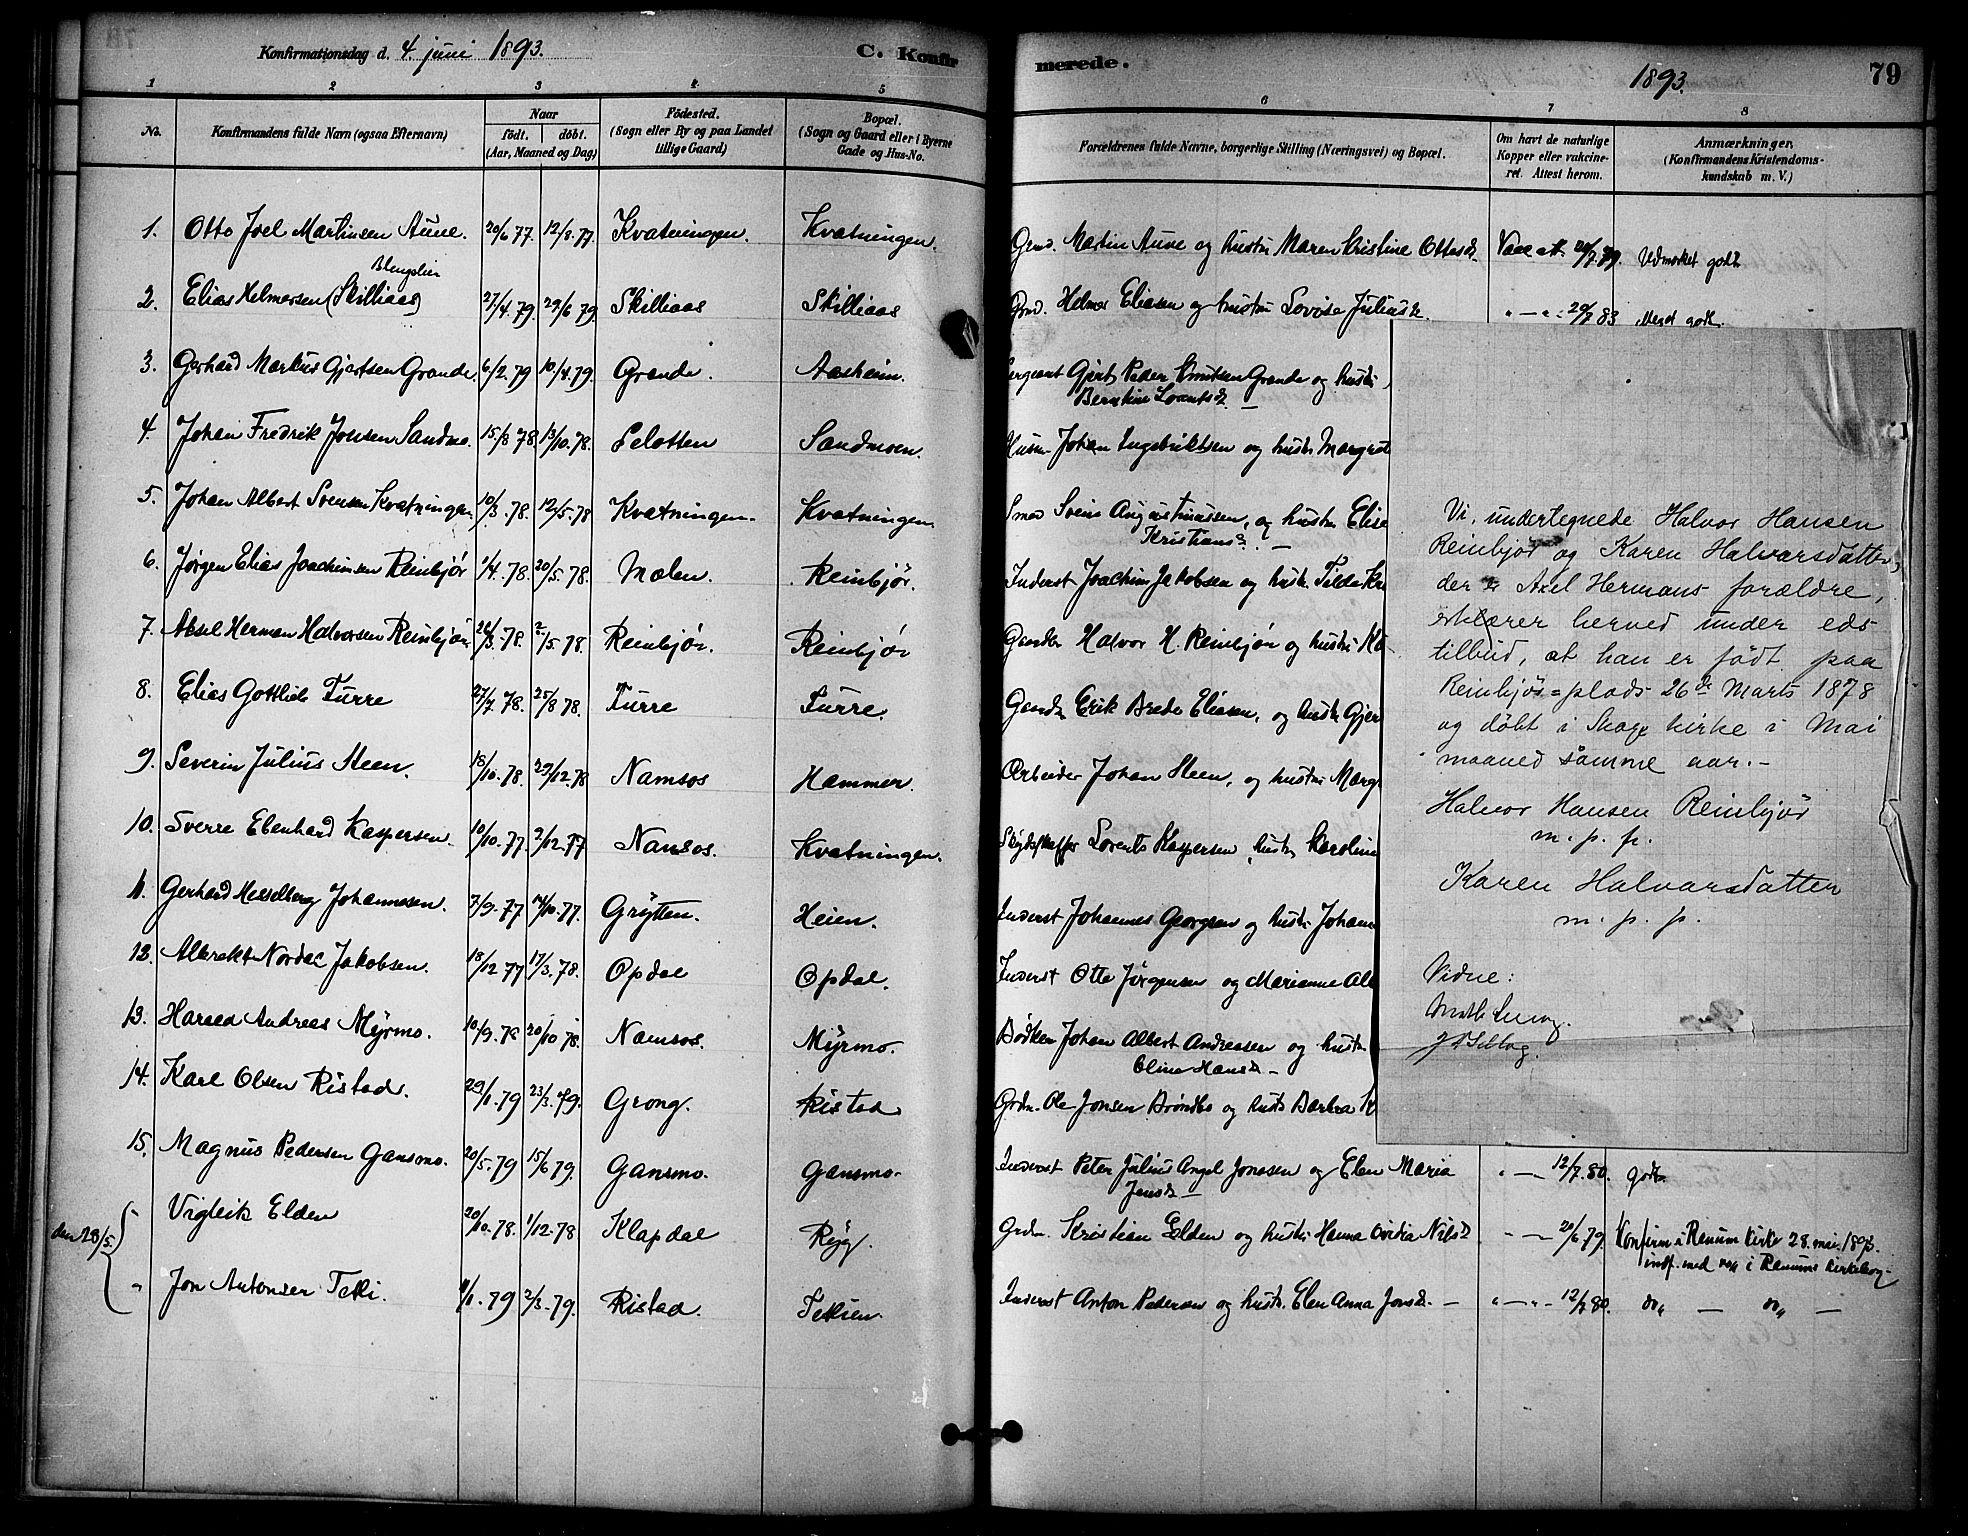 SAT, Ministerialprotokoller, klokkerbøker og fødselsregistre - Nord-Trøndelag, 766/L0563: Ministerialbok nr. 767A01, 1881-1899, s. 79